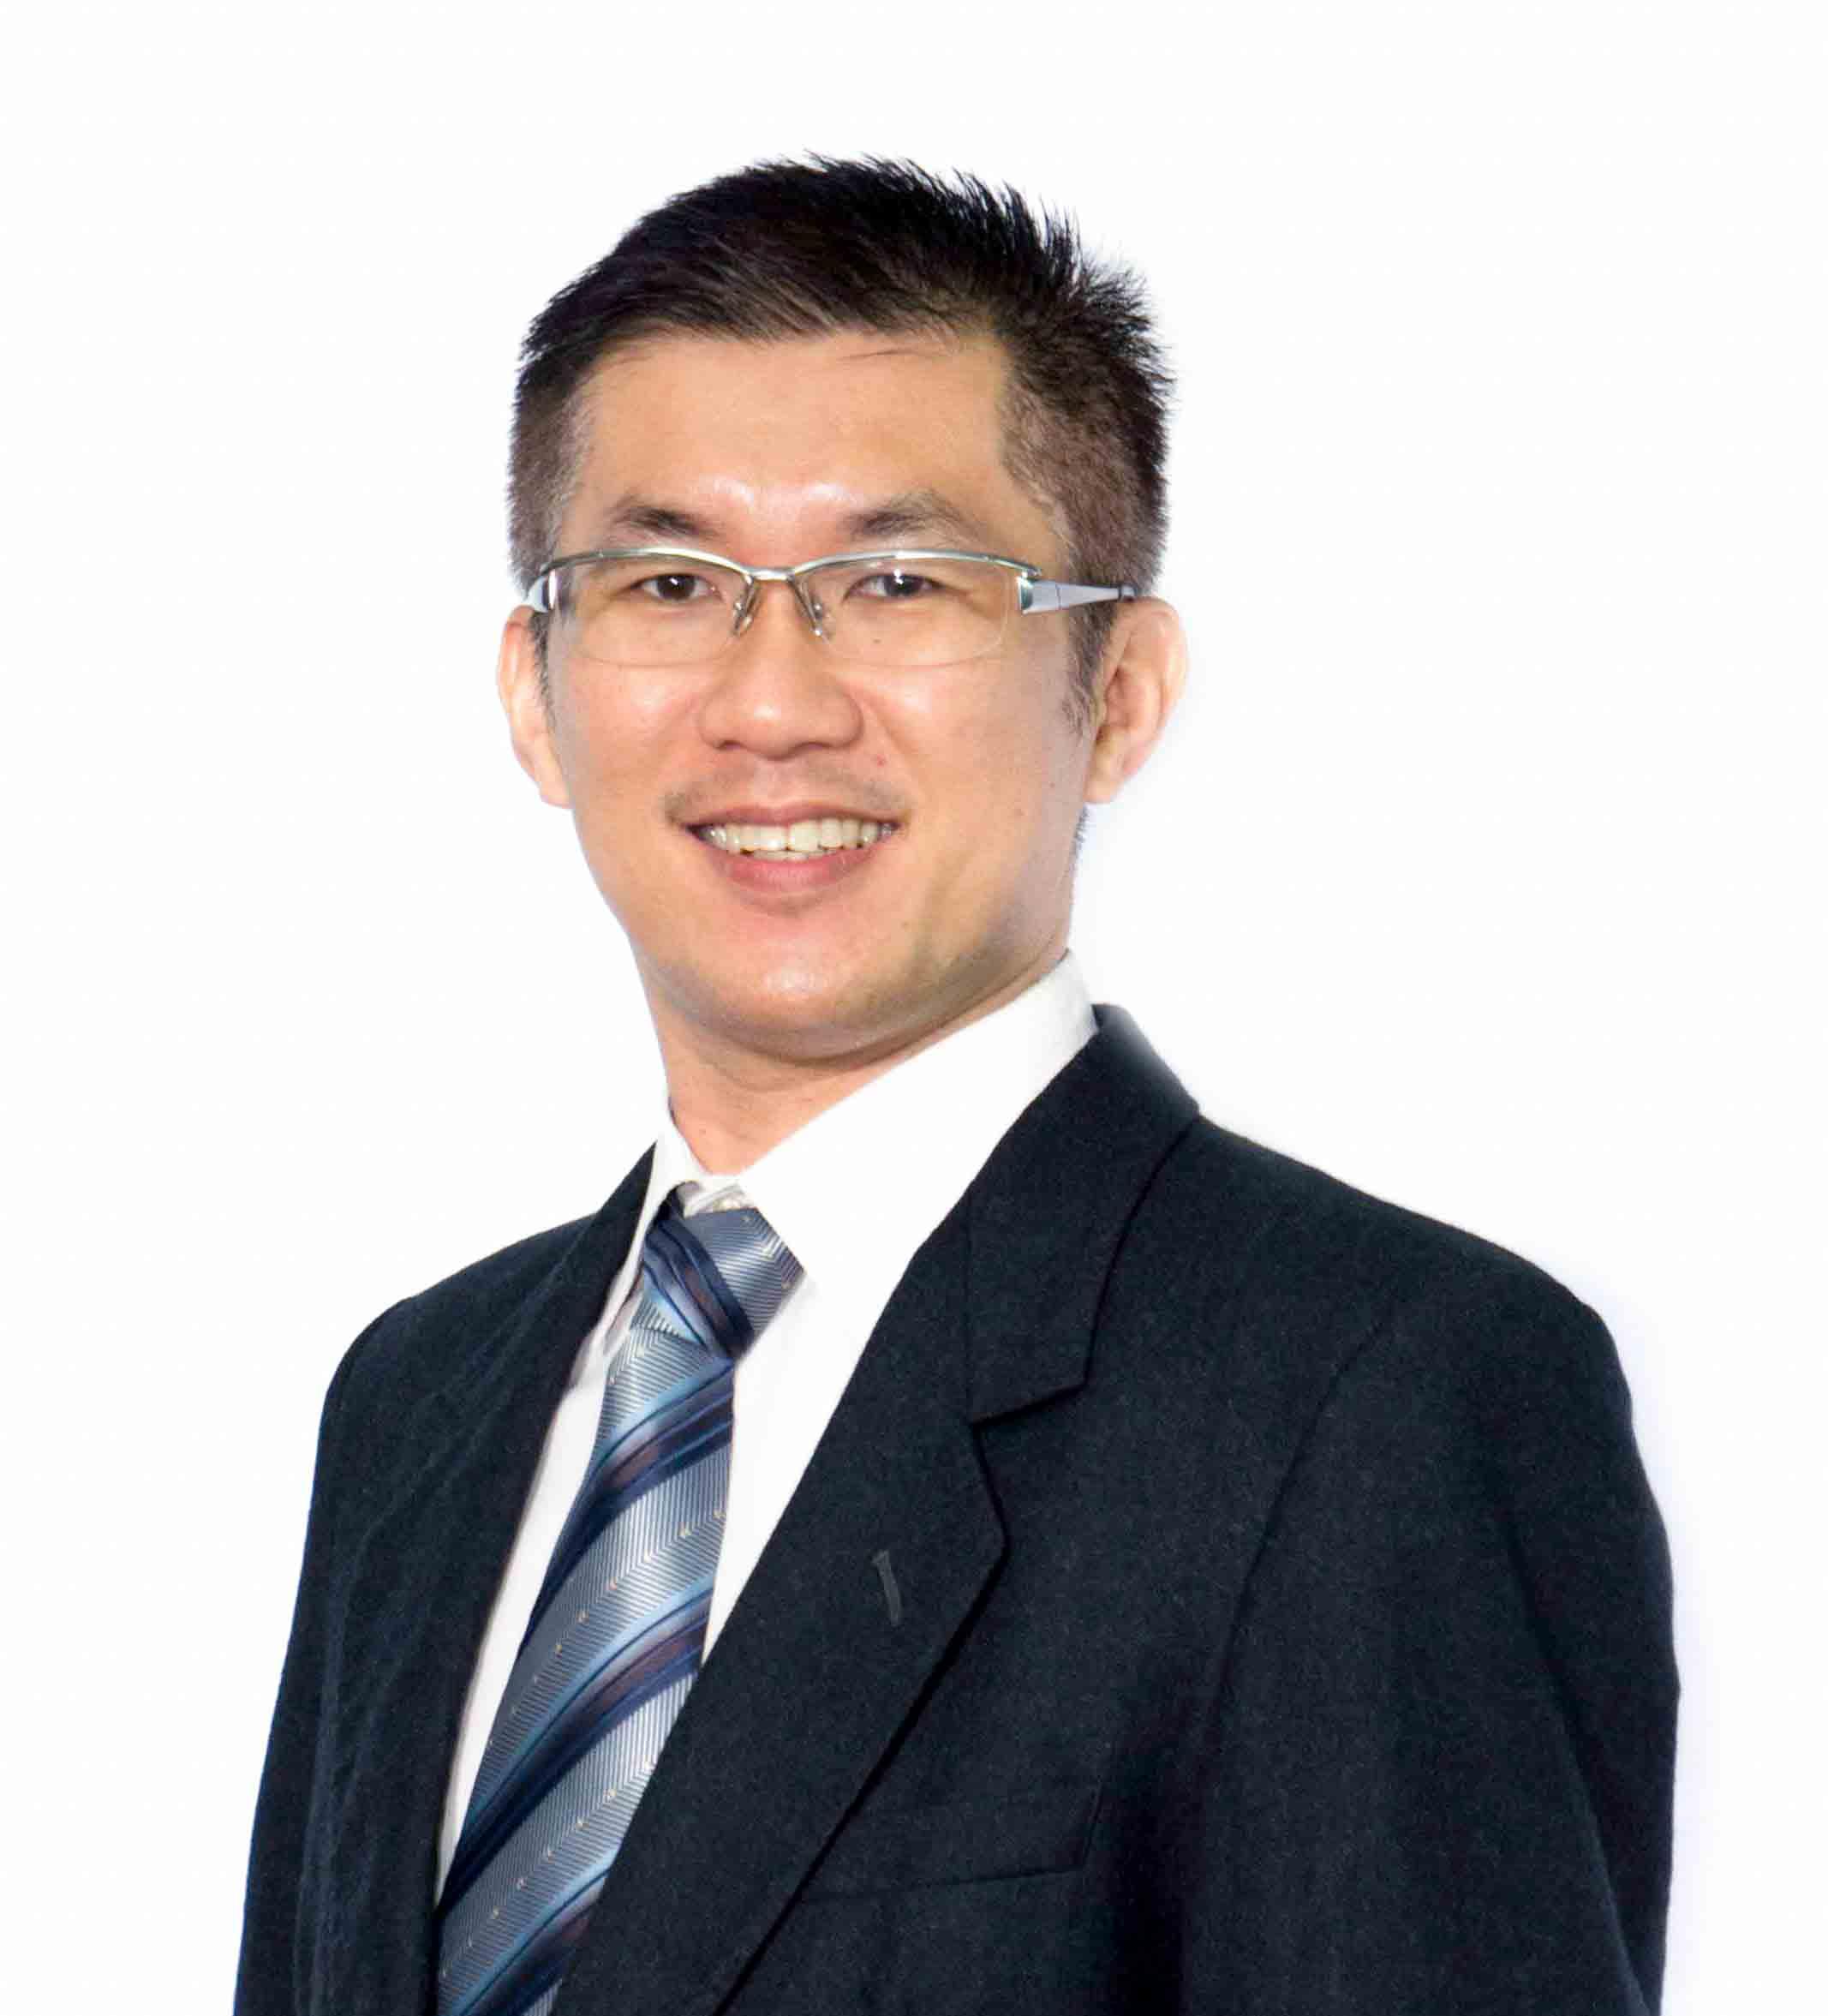 Rev. Chong Vui Leong